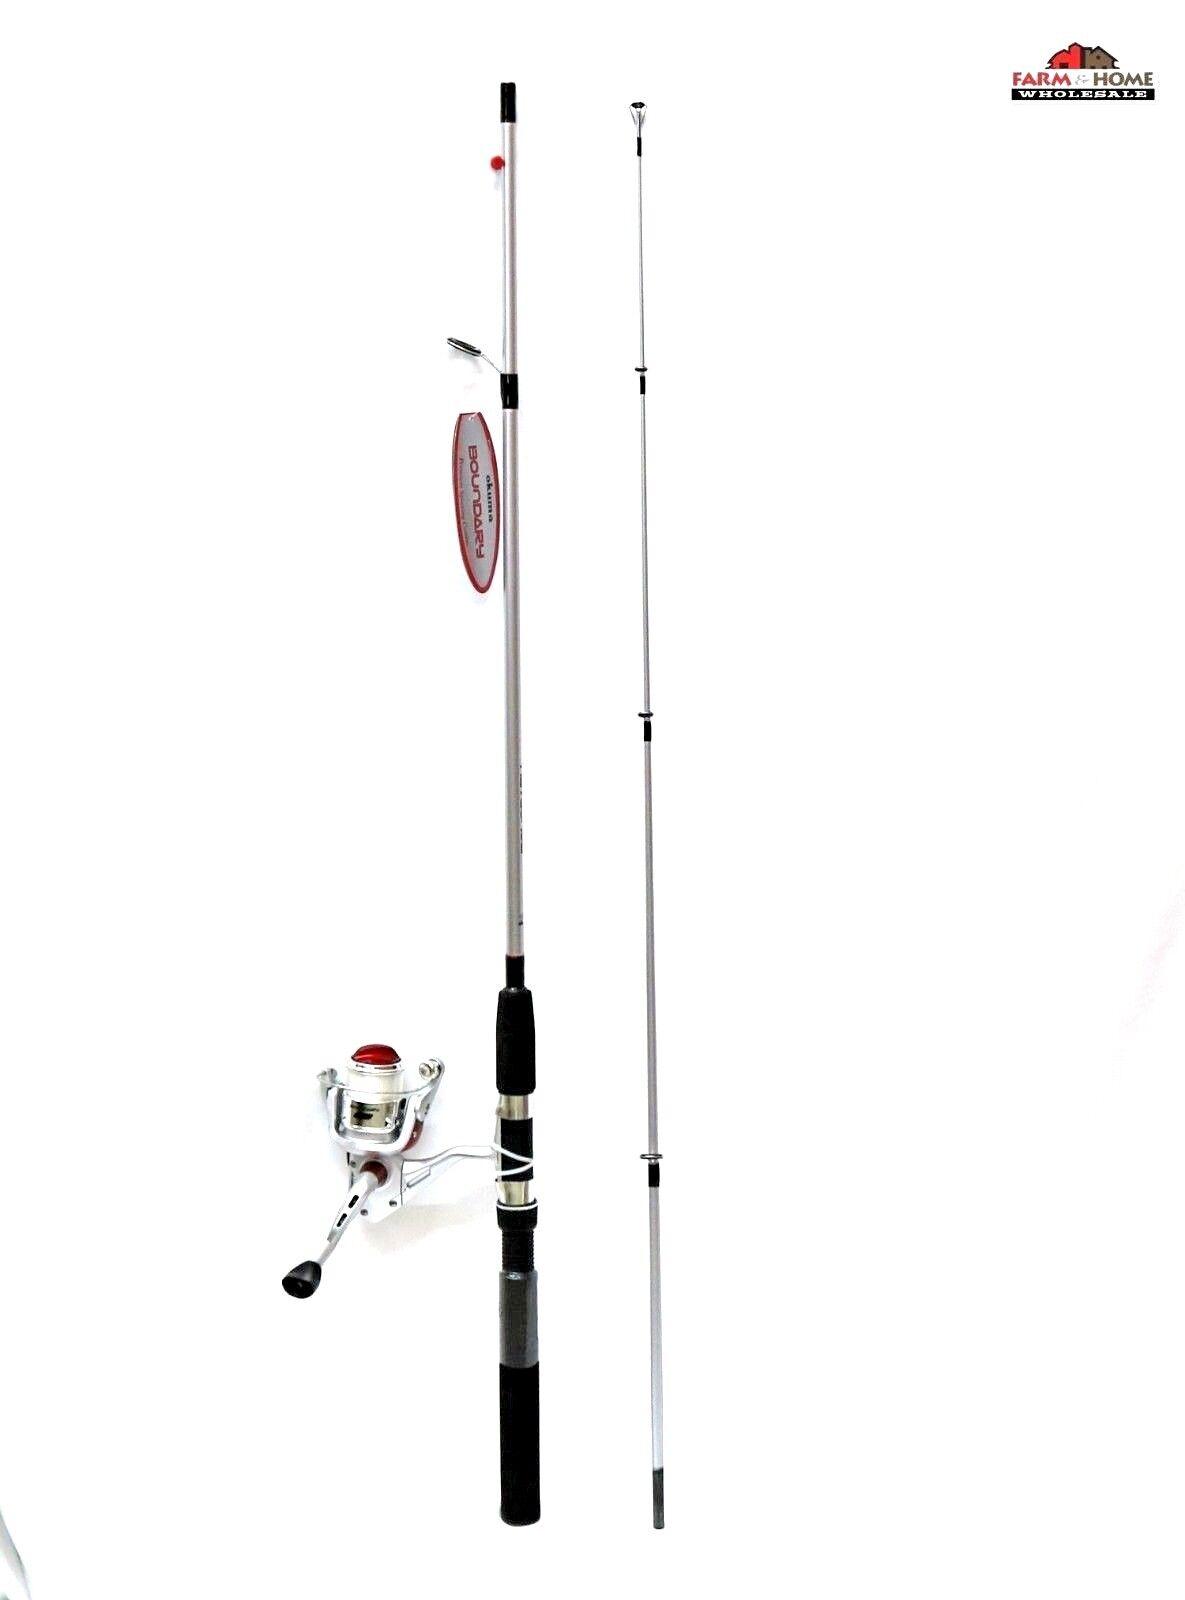 6' Okuma Boundary Rod & Spinning Reel Combo   New  free shipping